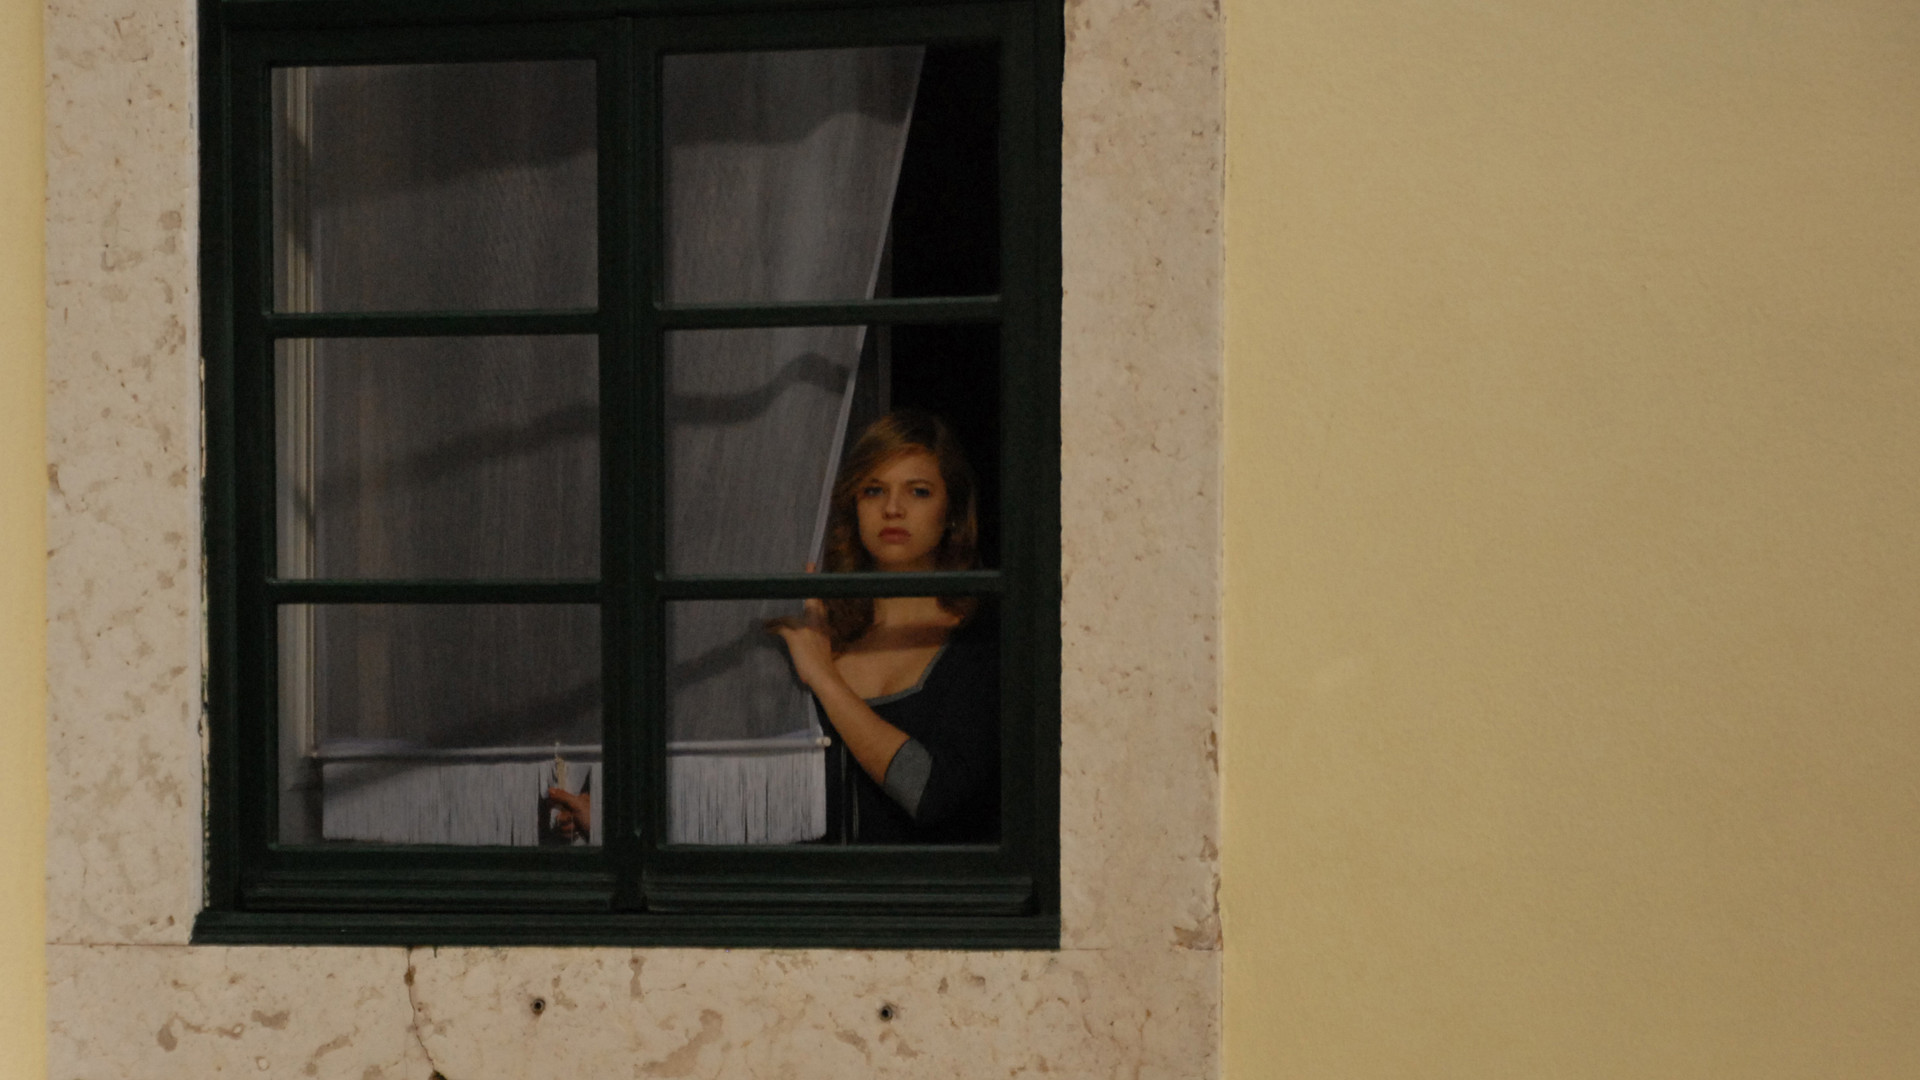 podglyadel-v-okne